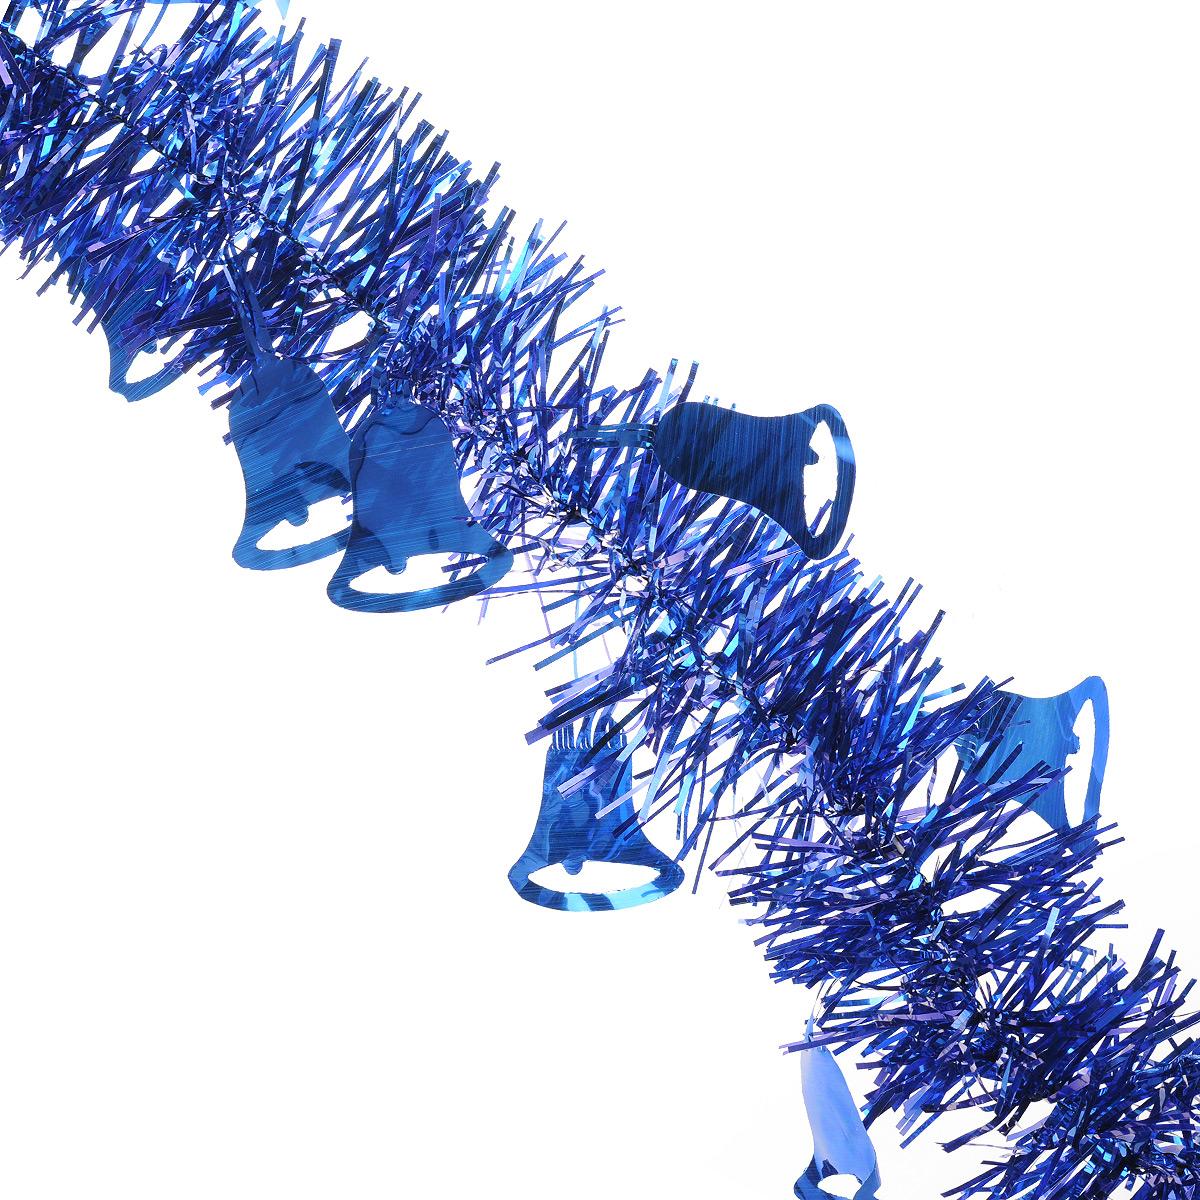 Мишура новогодняя Sima-land, цвет: синий, диаметр 8 см, длина 2 м. 702594702594Новогодняя мишура Sima-land, выполненная из фольги с дизайном в виде колокольчиков, поможет вам украсить свой дом к предстоящим праздникам. А новогодняя елка с таким украшением станет еще наряднее. Мишура армирована, то есть имеет проволоку внутри и способна сохранять приданную ей форму. Новогодней мишурой можно украсить все, что угодно - елку, квартиру, дачу, офис - как внутри, так и снаружи. Можно сложить новогодние поздравления, буквы и цифры, мишурой можно украсить и дополнить гирлянды, можно выделить дверные колонны, оплести дверные проемы. Коллекция декоративных украшений из серии Зимнее волшебство принесет в ваш дом ни с чем несравнимое ощущение праздника! Создайте в своем доме атмосферу тепла, веселья и радости, украшая его всей семьей.